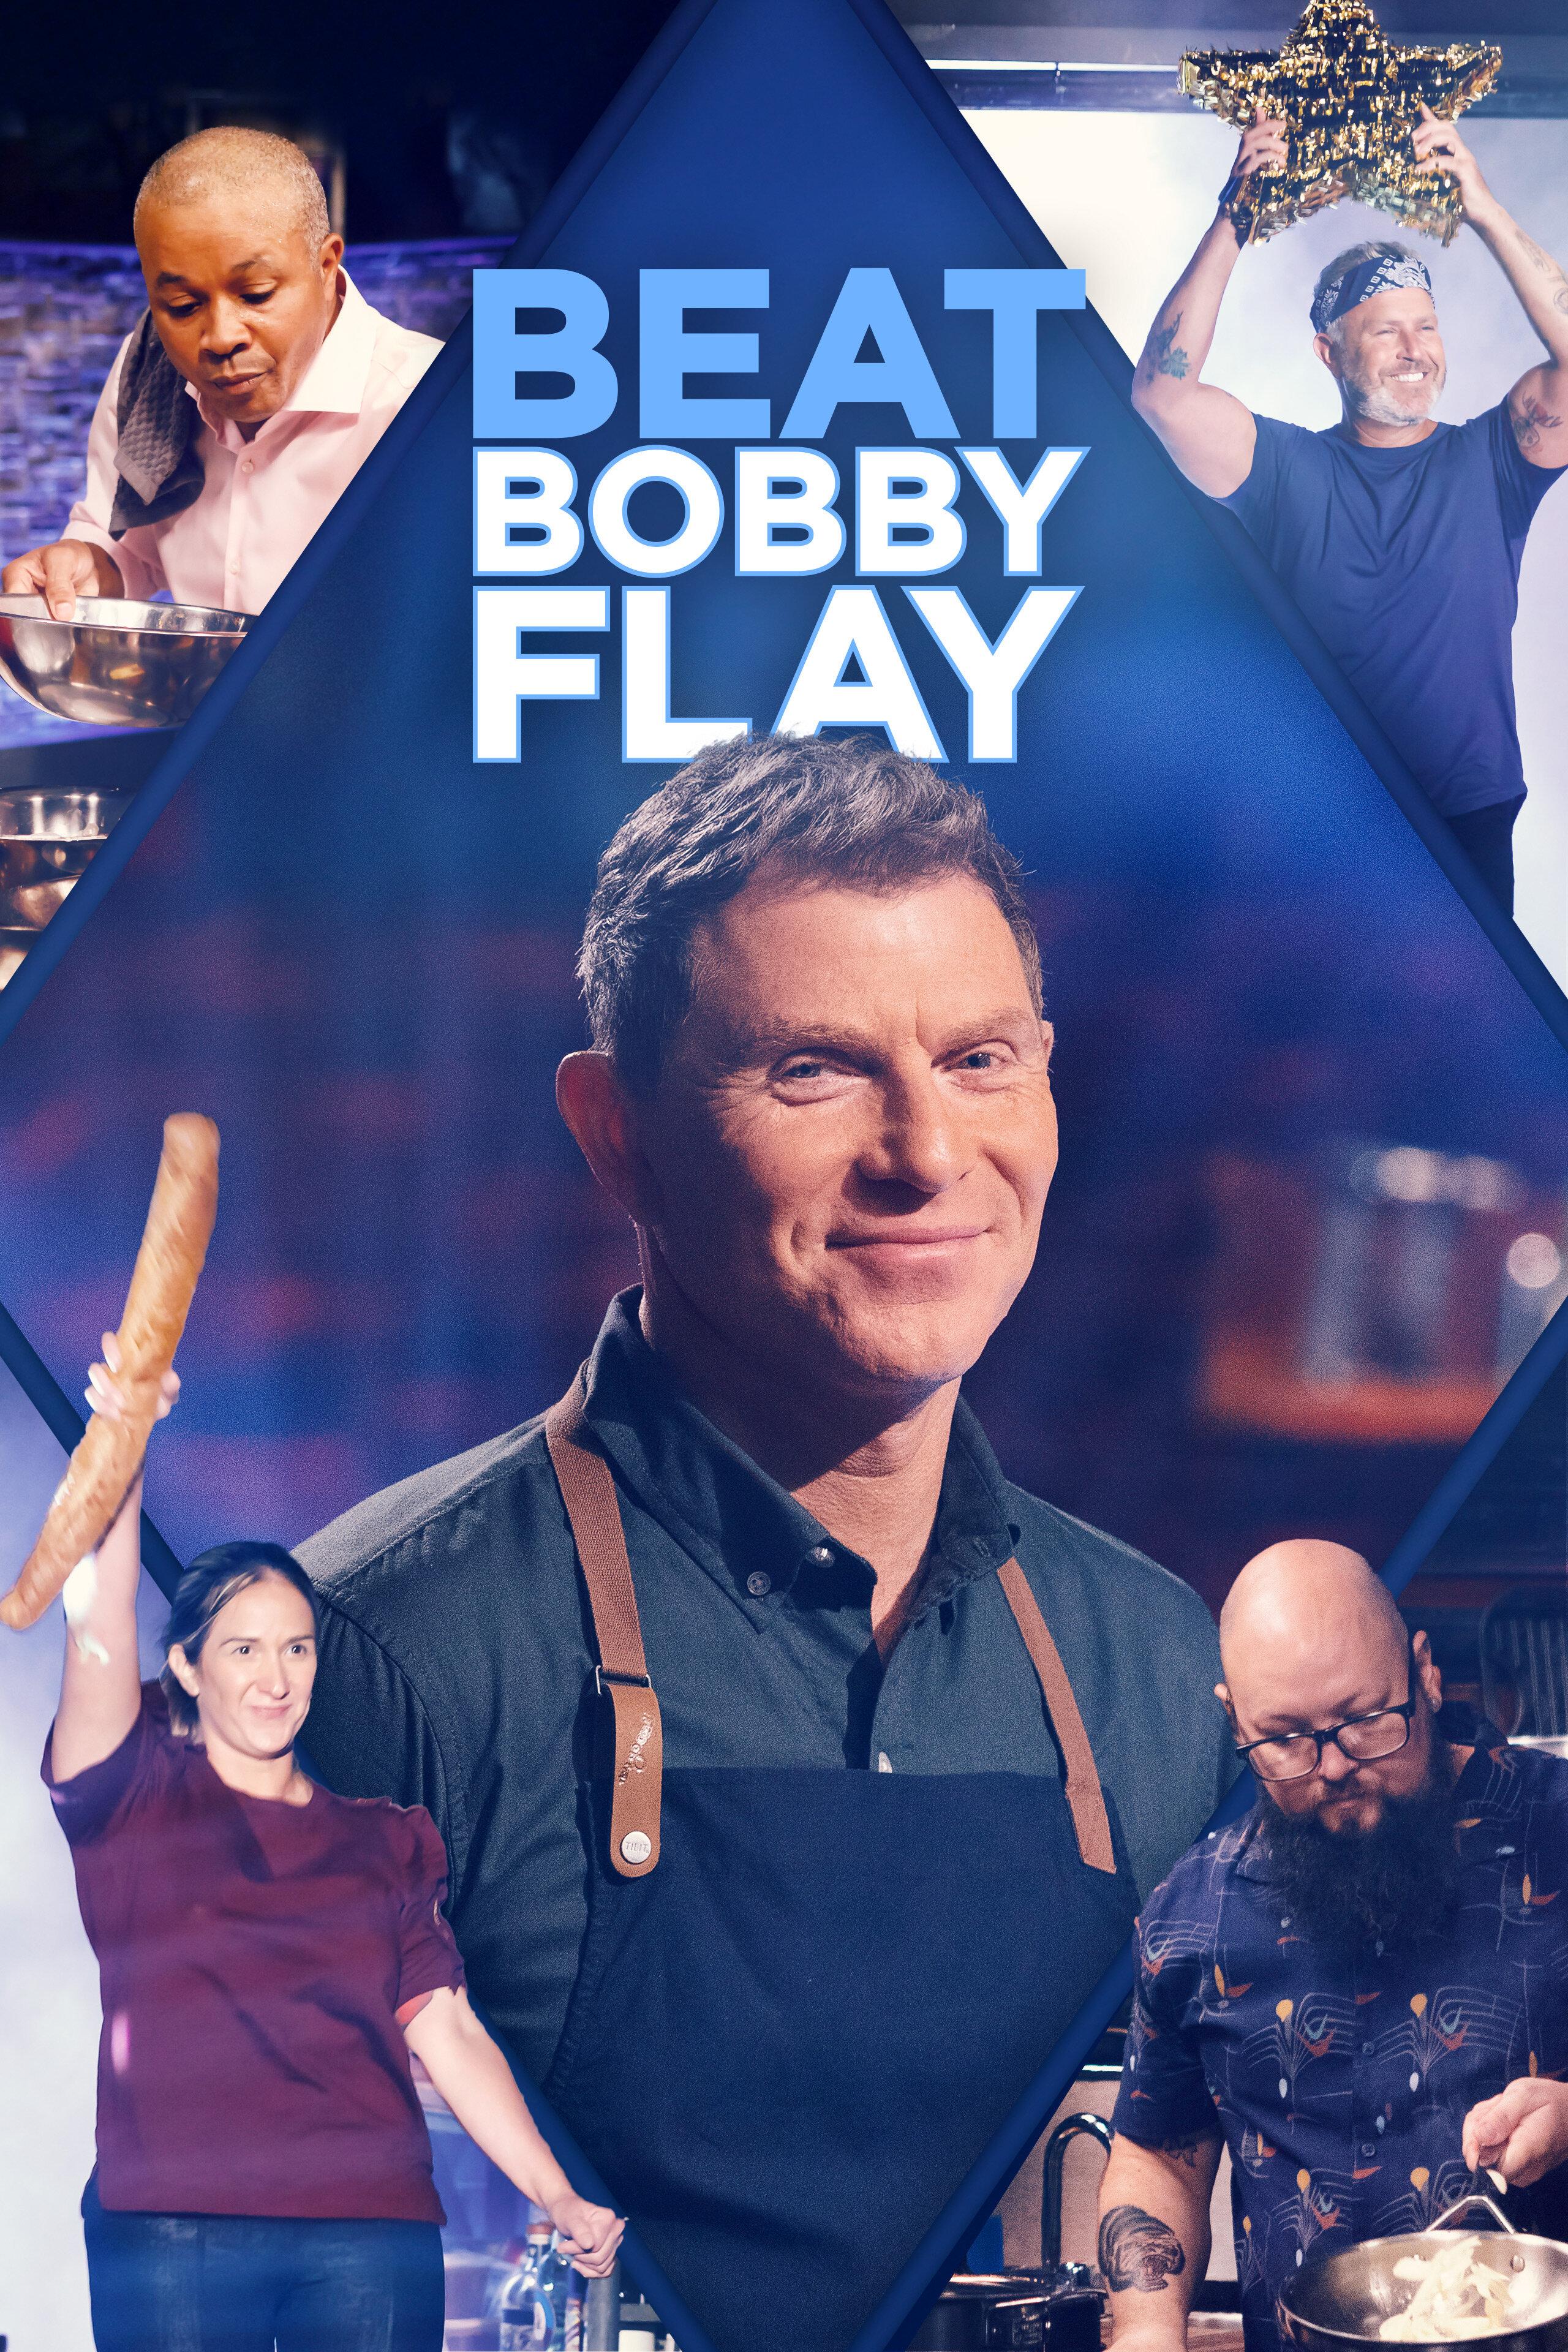 Beat Bobby Flay ne zaman